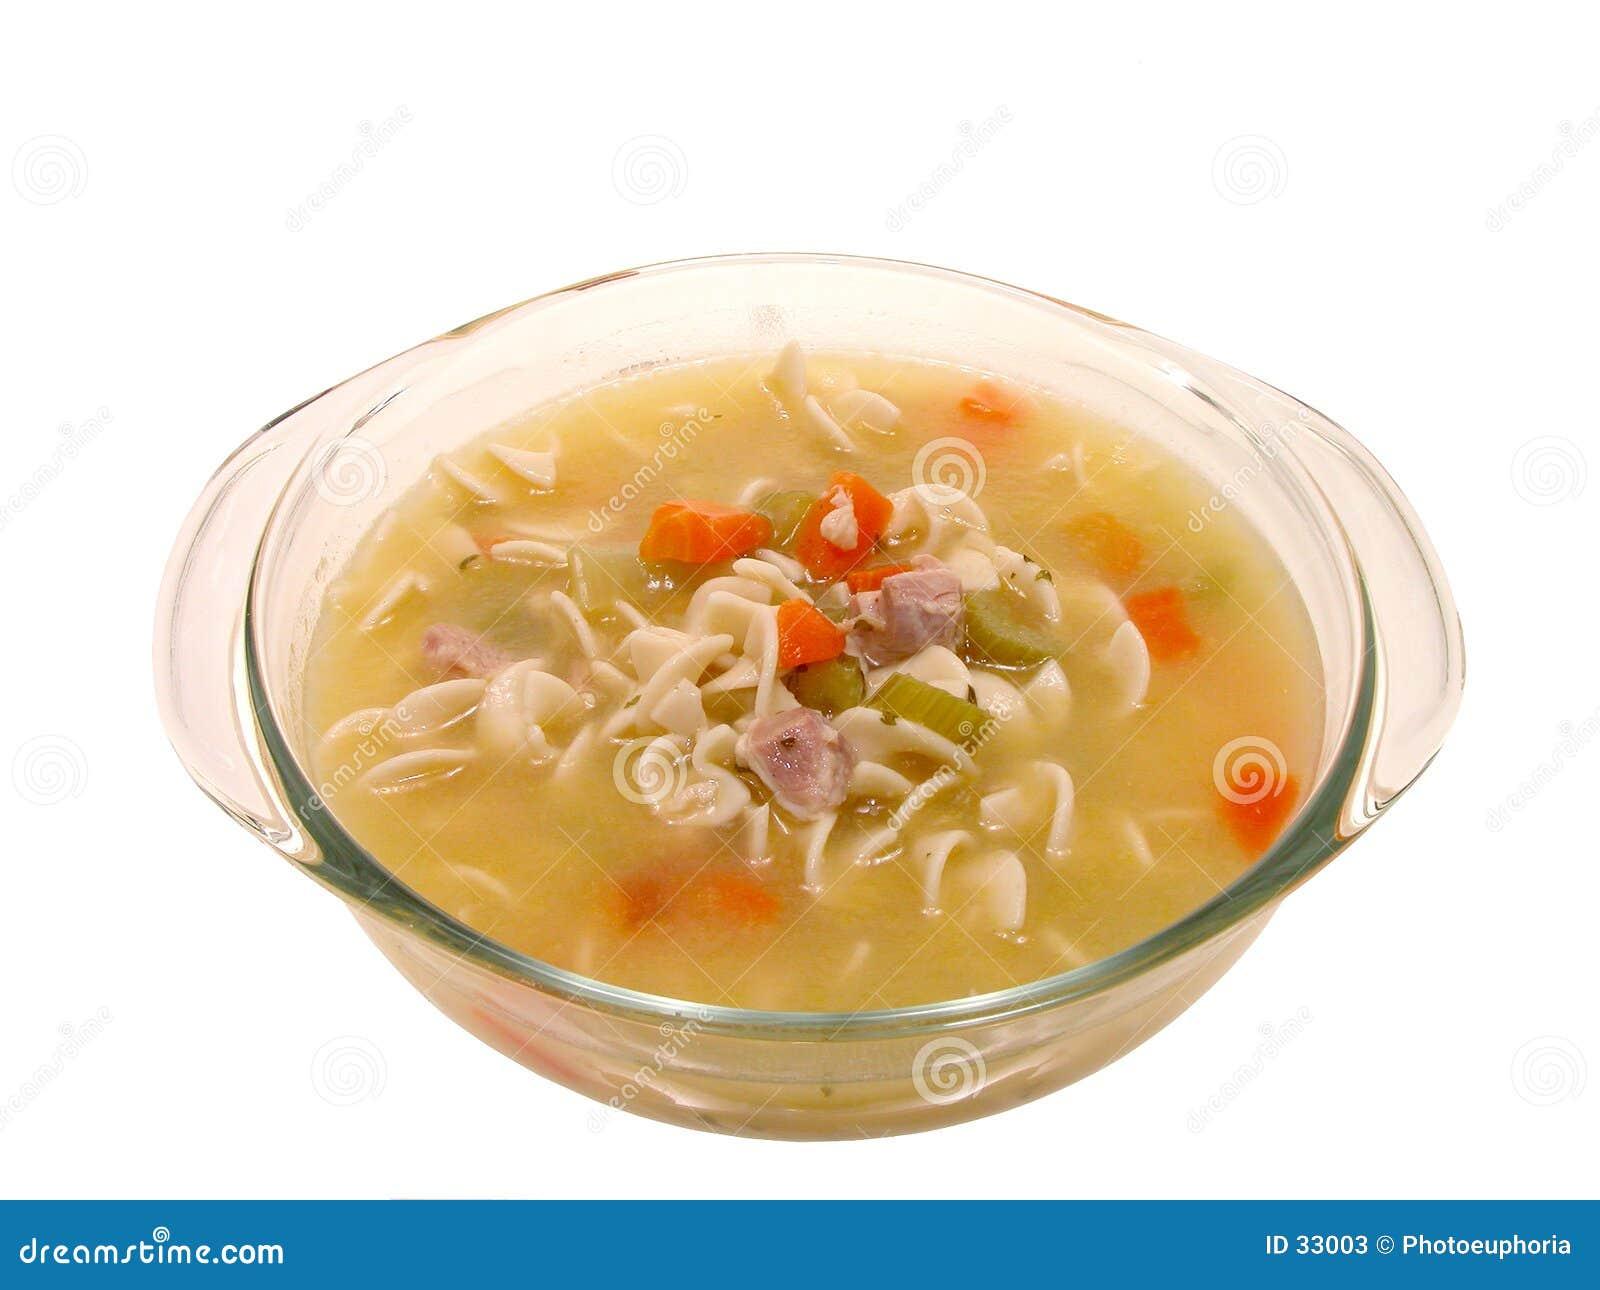 Download Alimento: Sopa De Tallarines Fornida Del Pollo En El Plato De Cocinar De Cristal Imagen de archivo - Imagen de pollo, tallarines: 33003